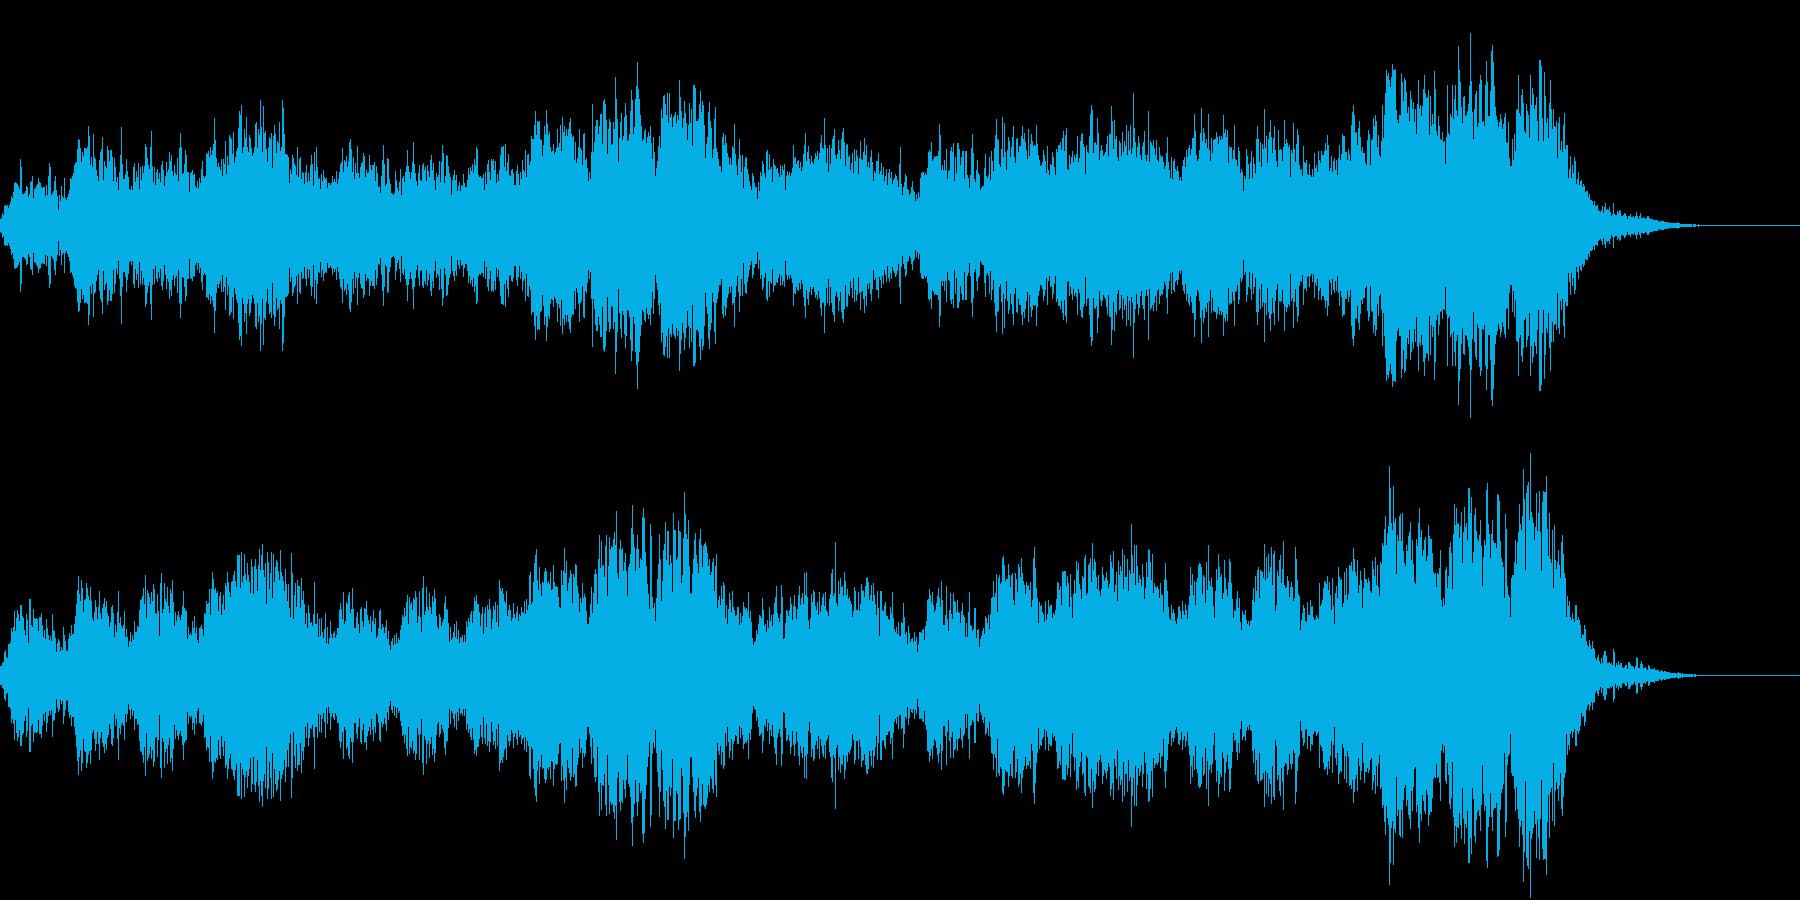 心象風景を描くシーンのイメージの再生済みの波形